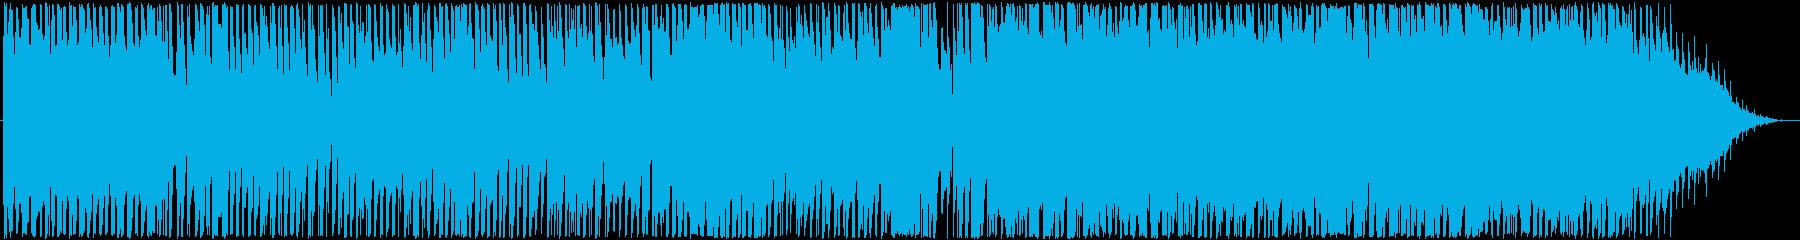 明るく楽しいシャッフルポップの再生済みの波形